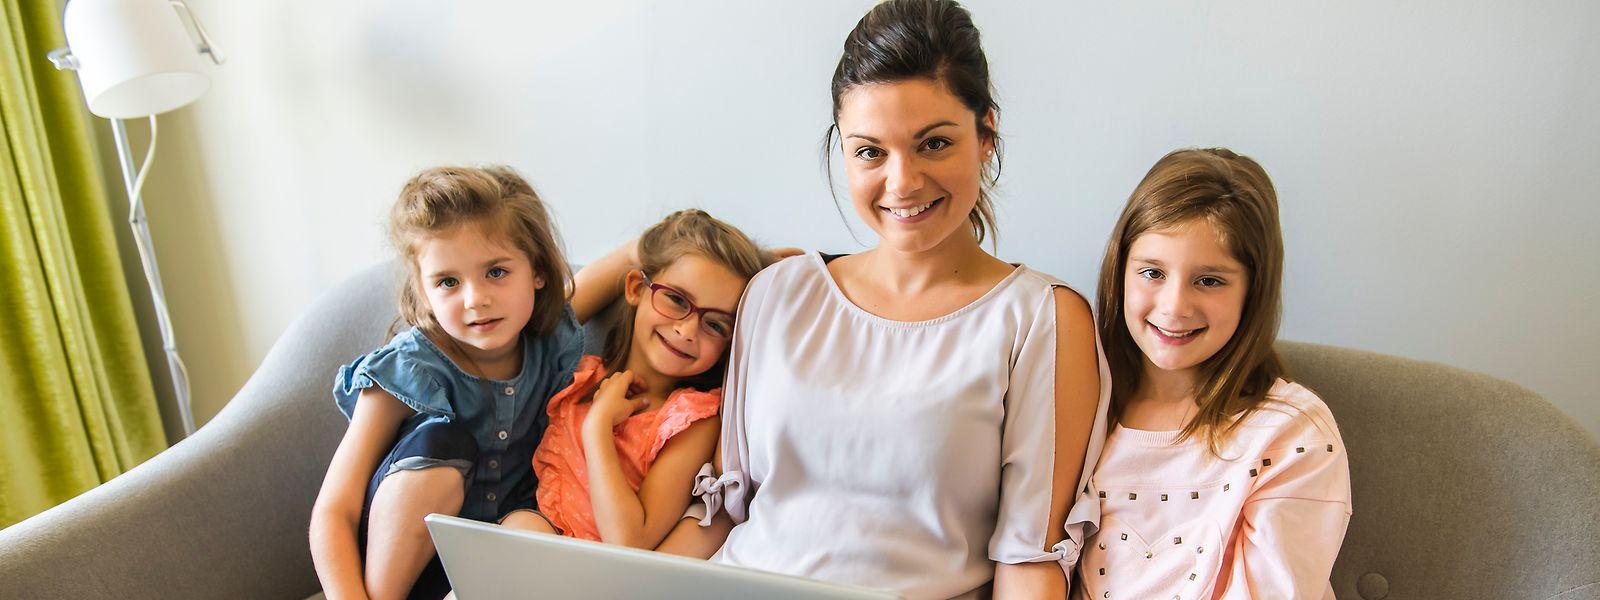 Au Luxembourg, plus de 82% des familles monoparentales sont composées d'une mère et de ses enfants.